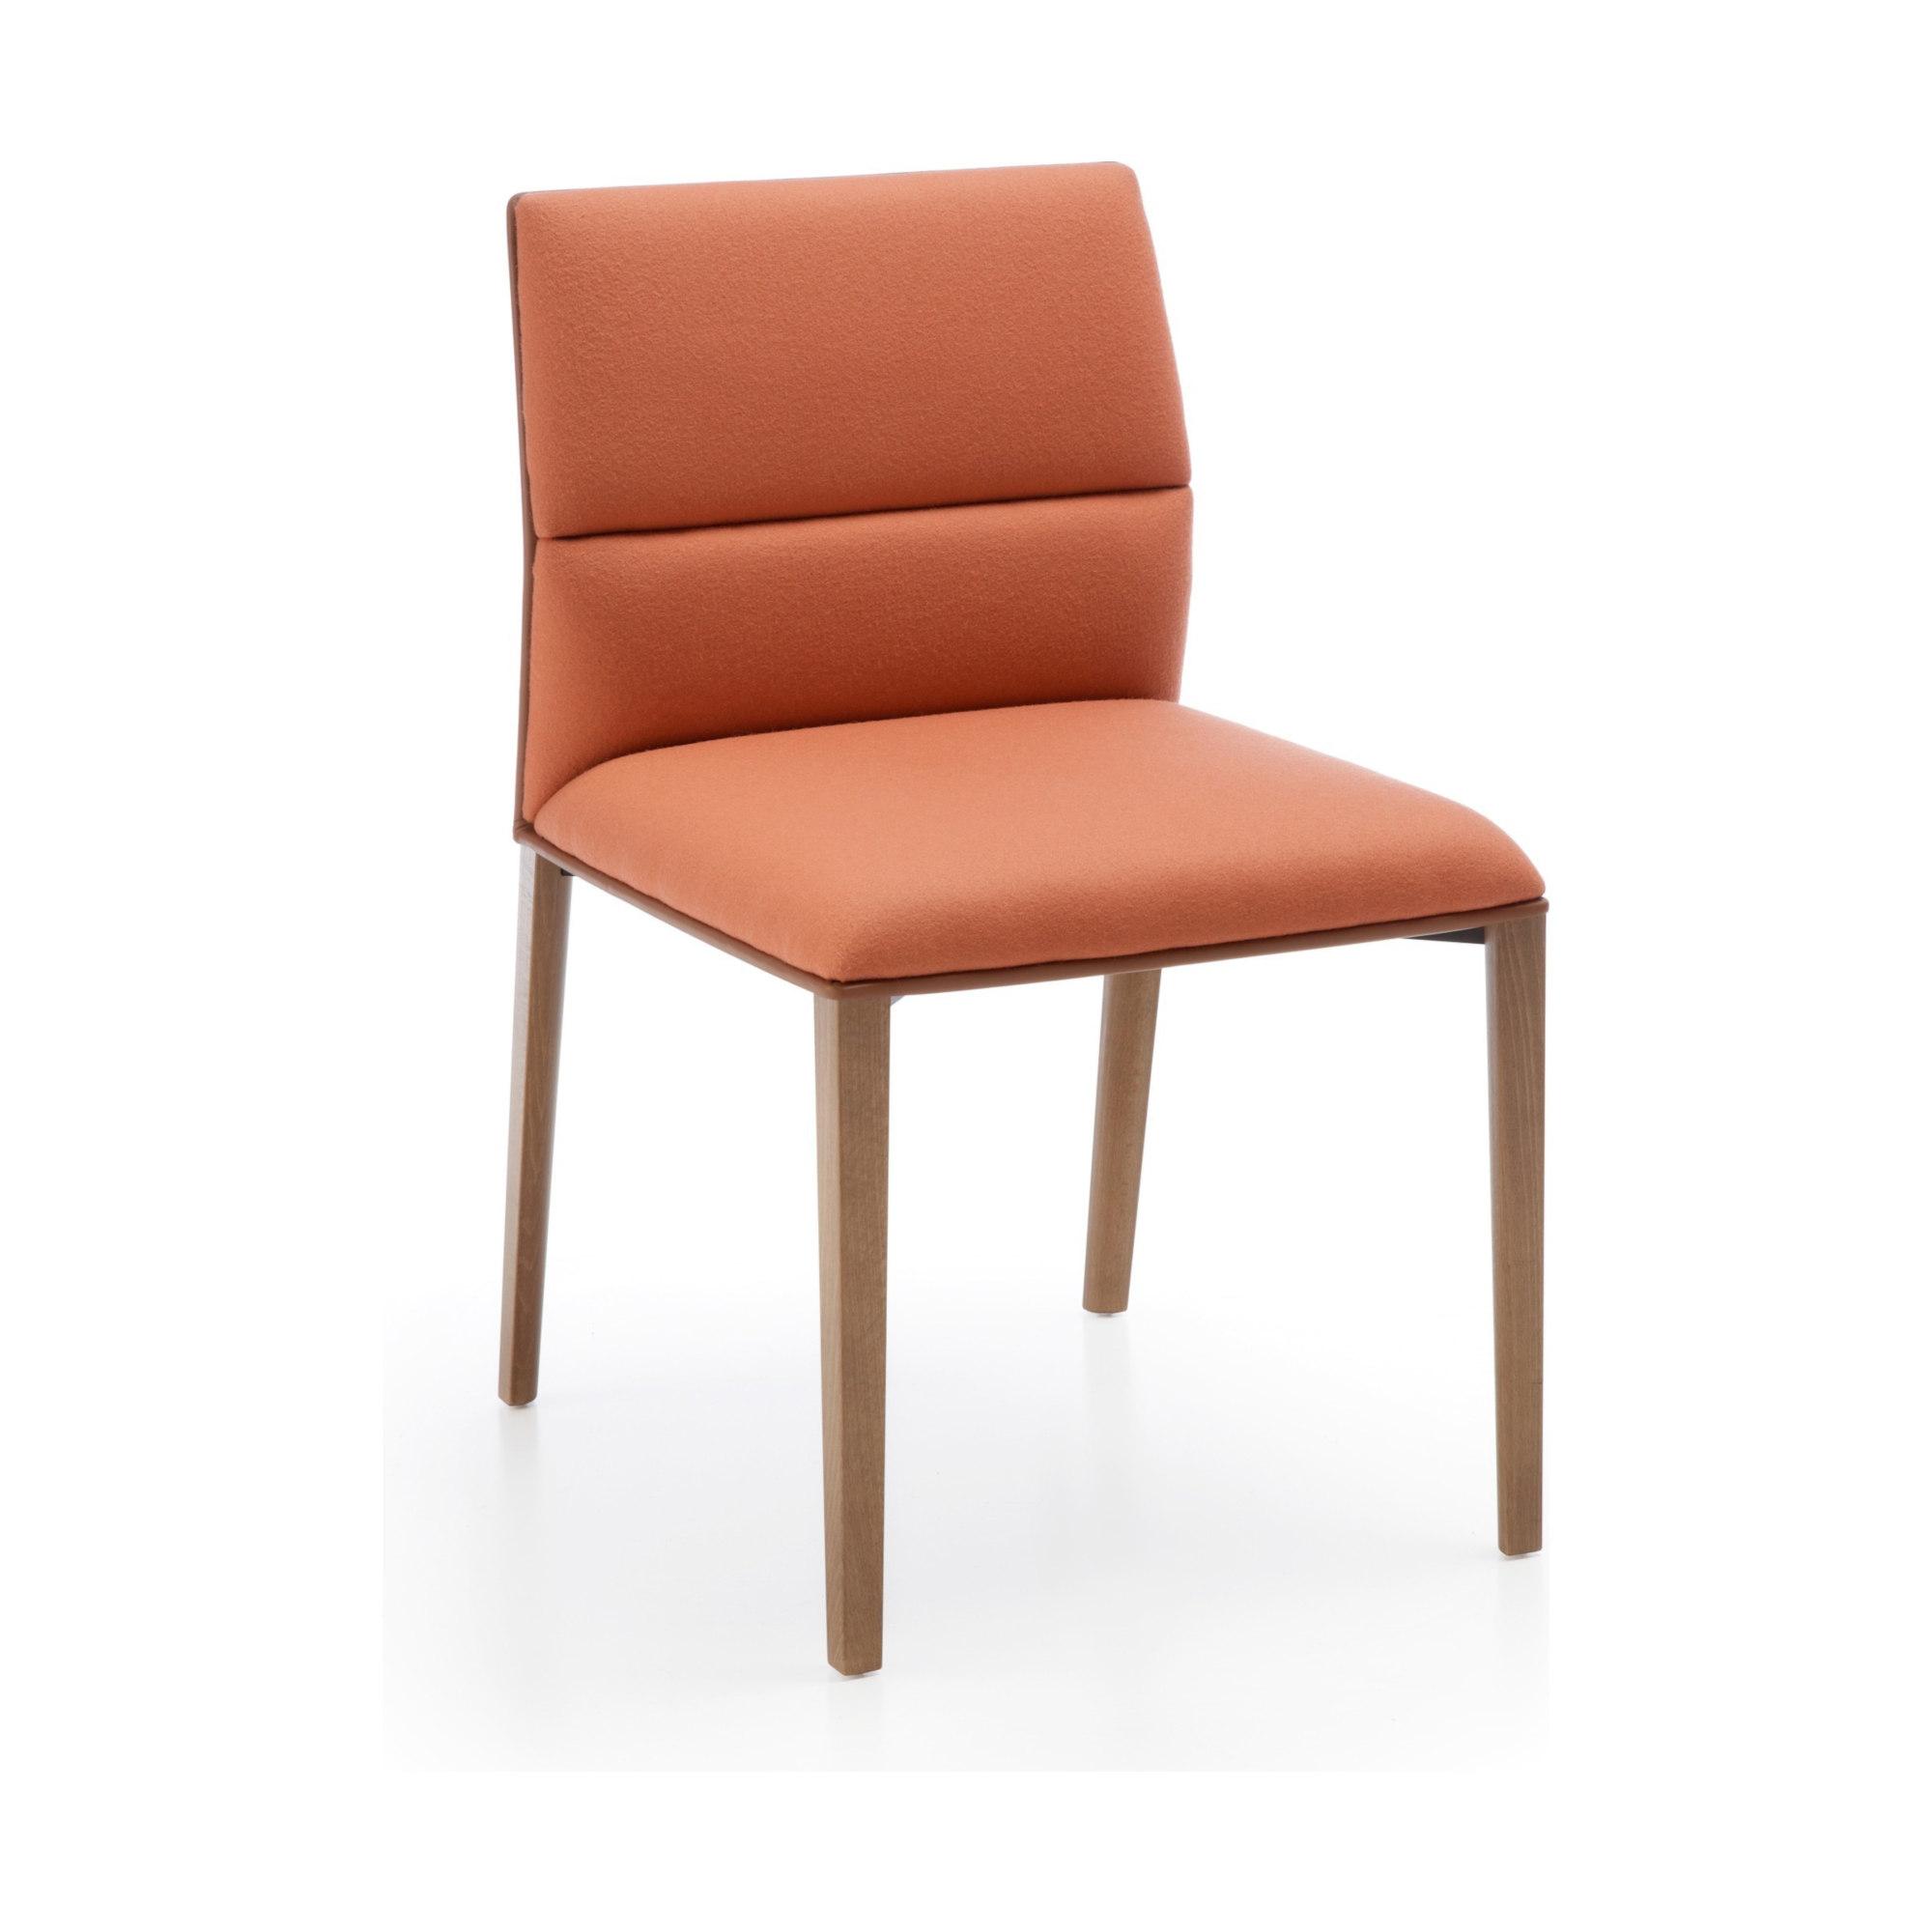 profim chic air c21hw gepolsterter stuhl online shop f r b rom bel accessoires. Black Bedroom Furniture Sets. Home Design Ideas